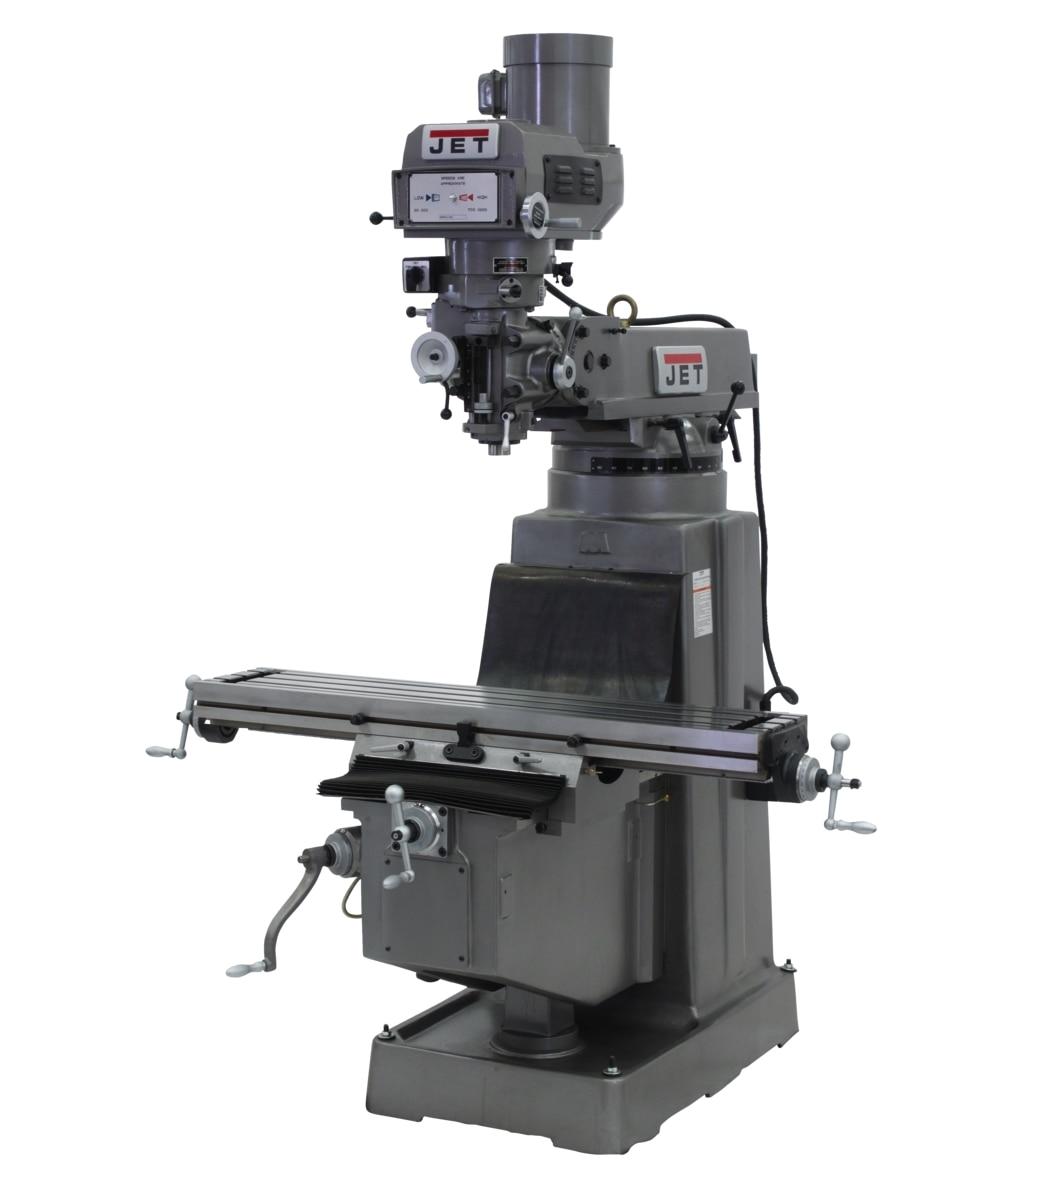 JTM-1050VS2 Variable Speed Vertical Milling Machine 230/460V 3Ph